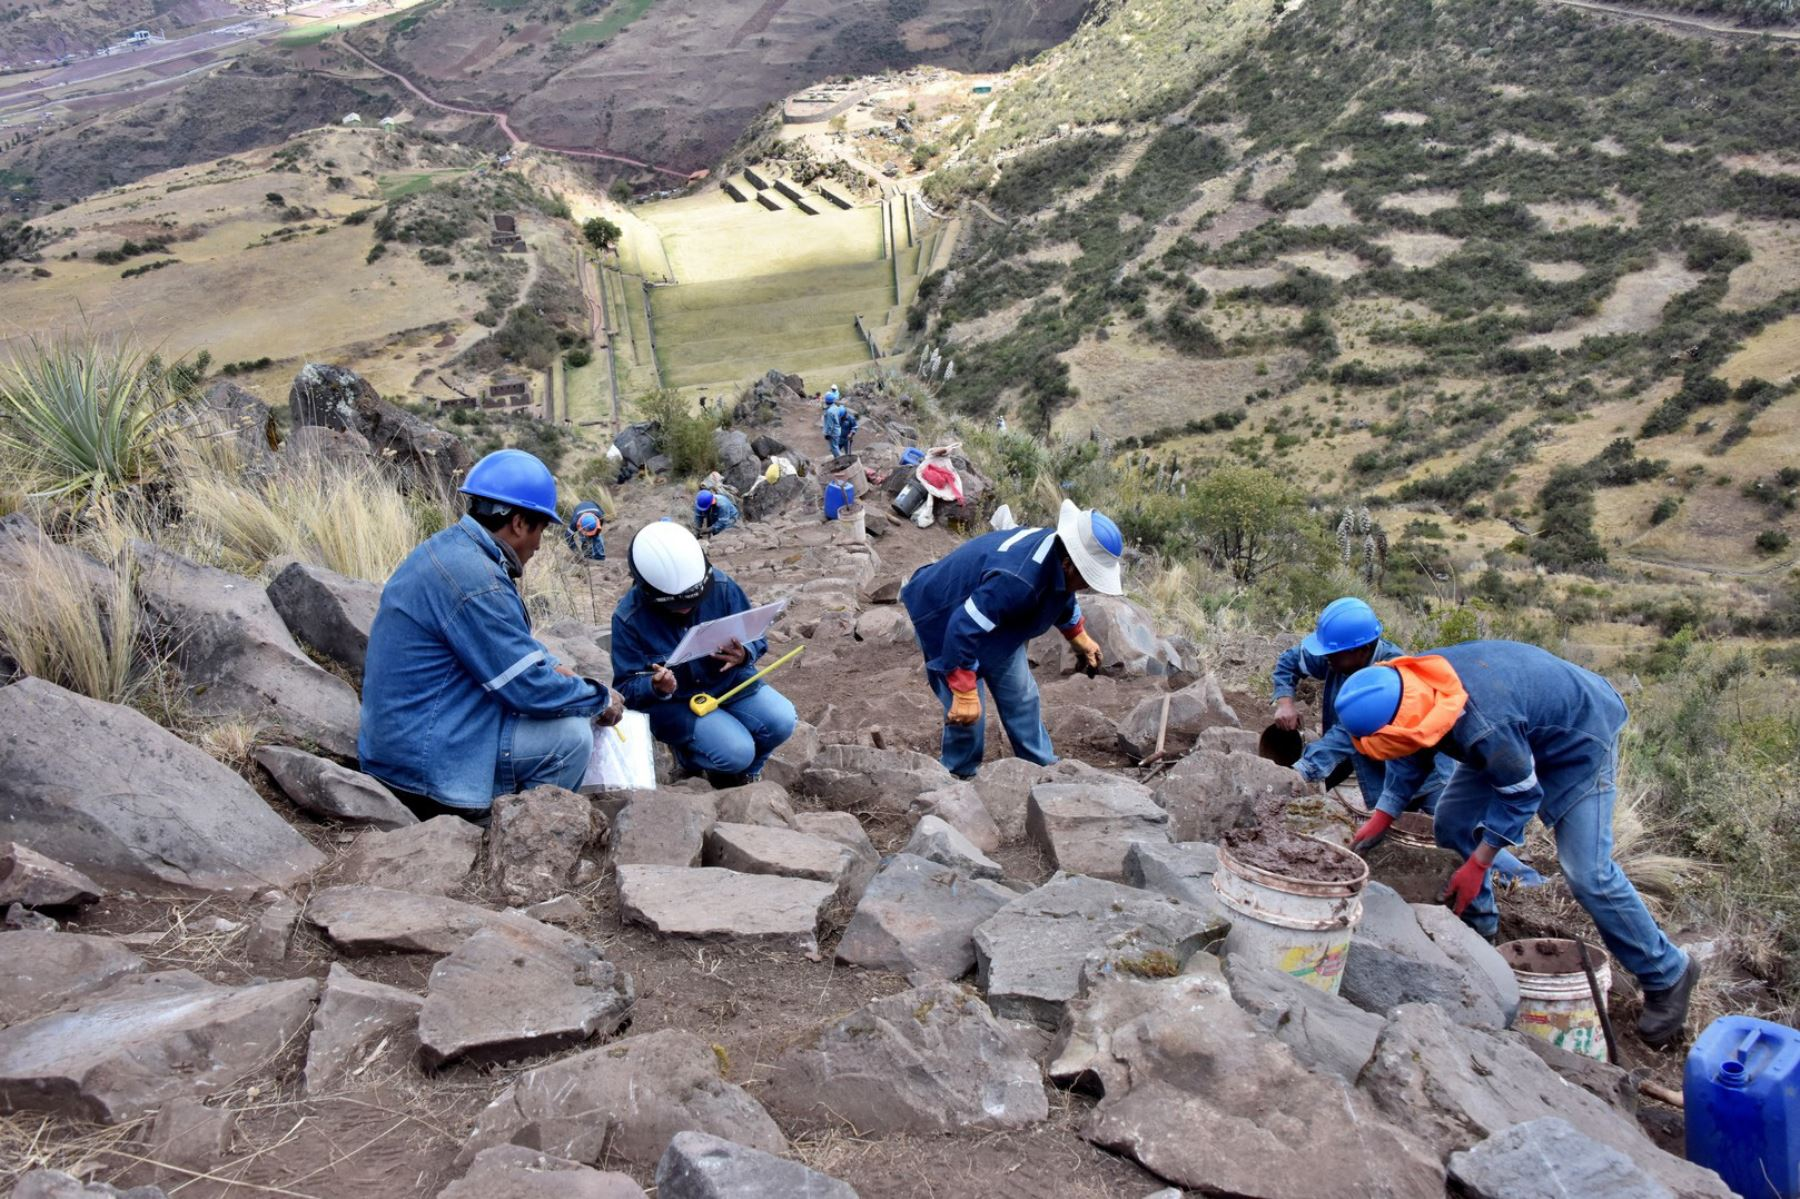 Ponen en valor tramo de dos kilómetros del Camino Inca por donde nuestros antepasados trasladaban productos agrícolas cultivados en los andenes del parque arqueológico de Tipón, región Cusco.